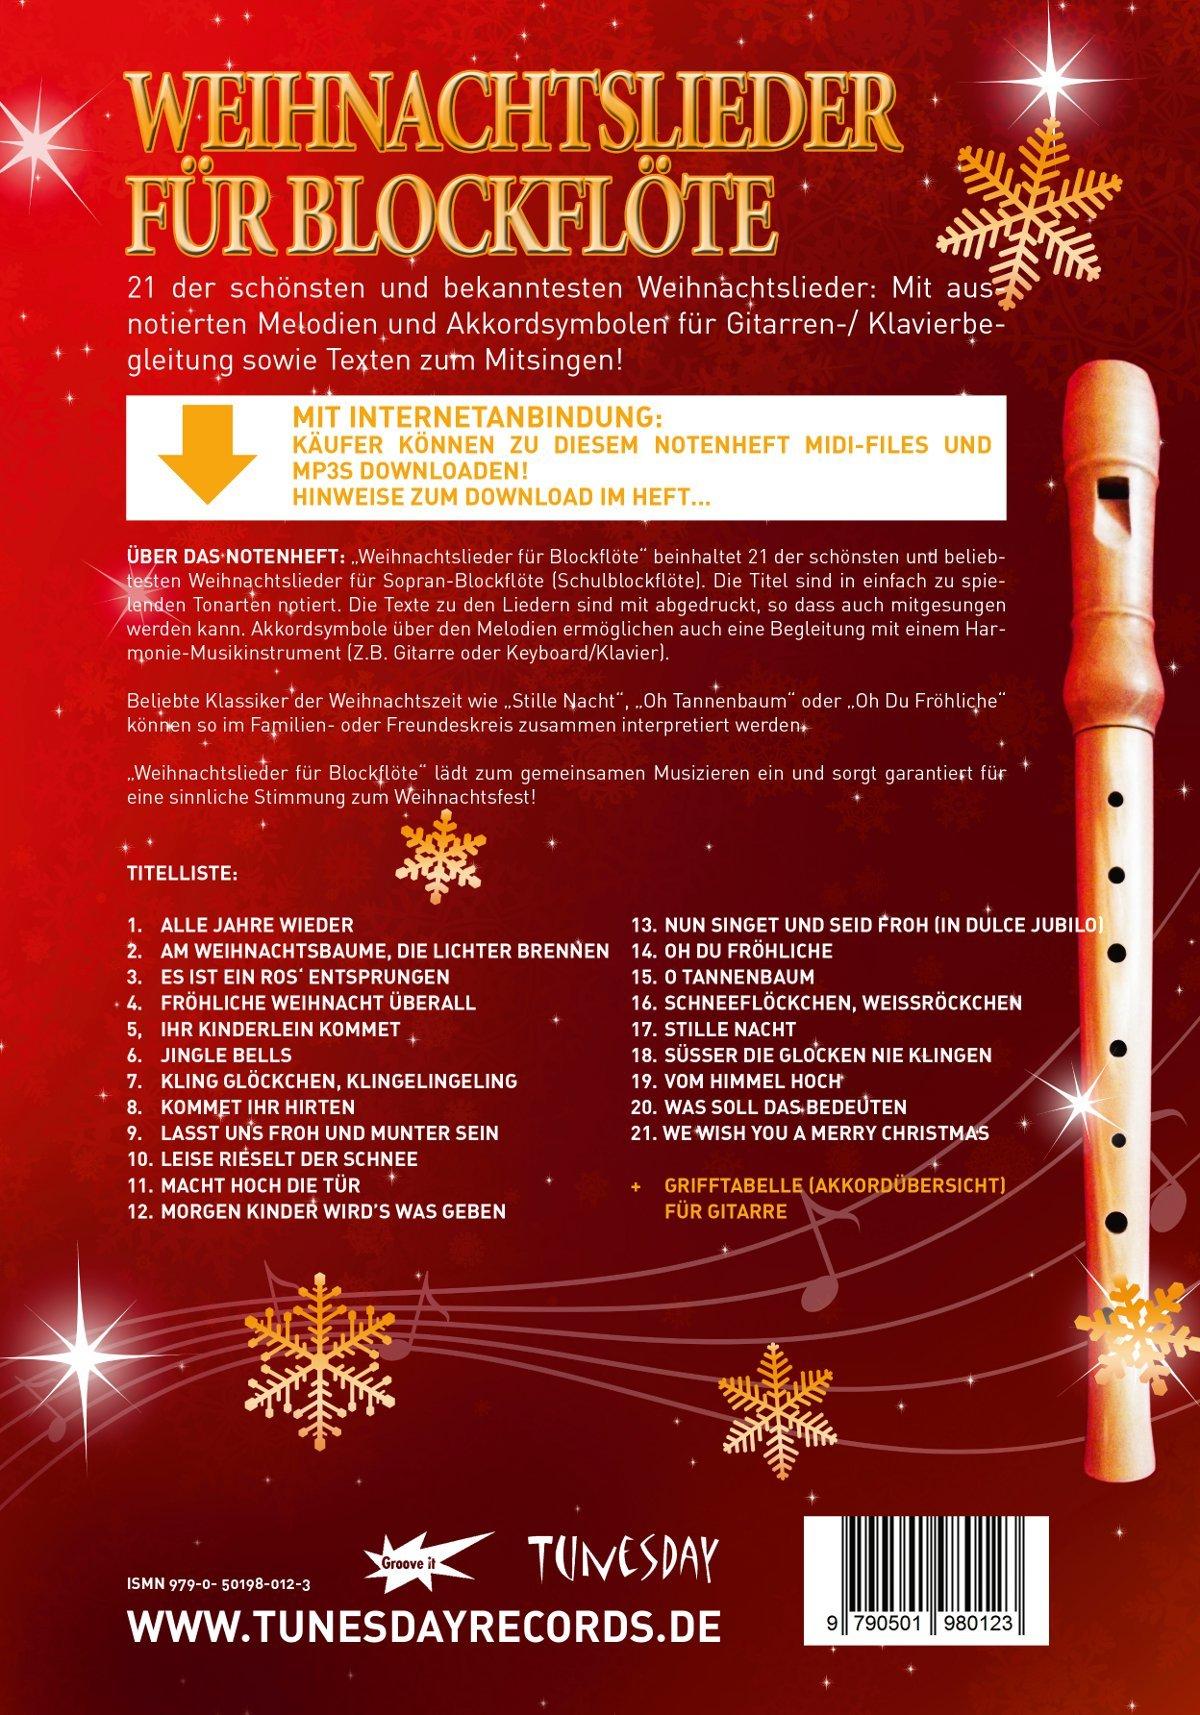 Weihnachtslieder mit der Nacht im Titel